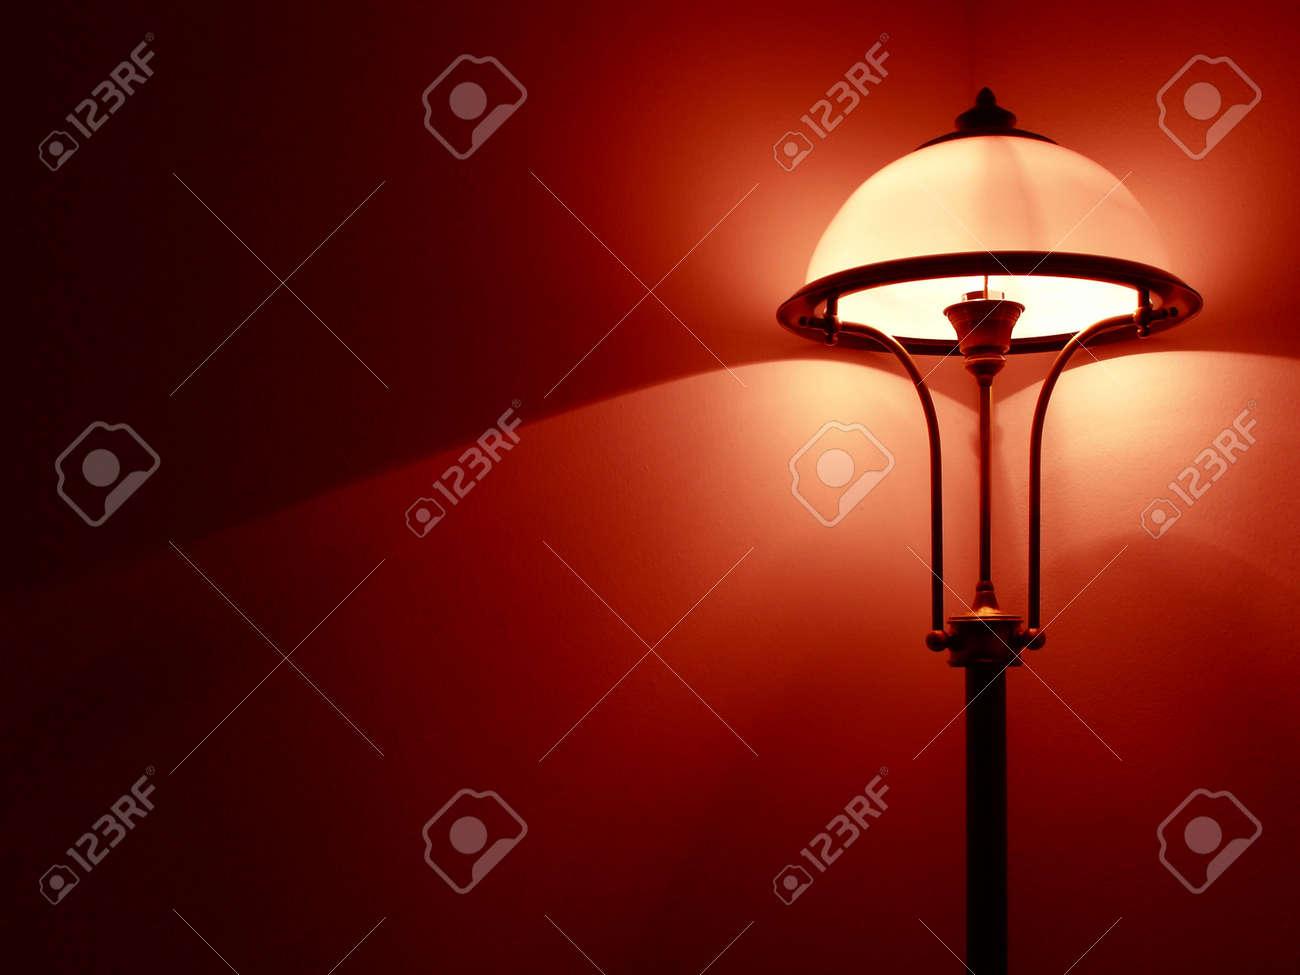 Schlafzimmer rote wand: photo schlafzimmer lampe mit roten wand ...